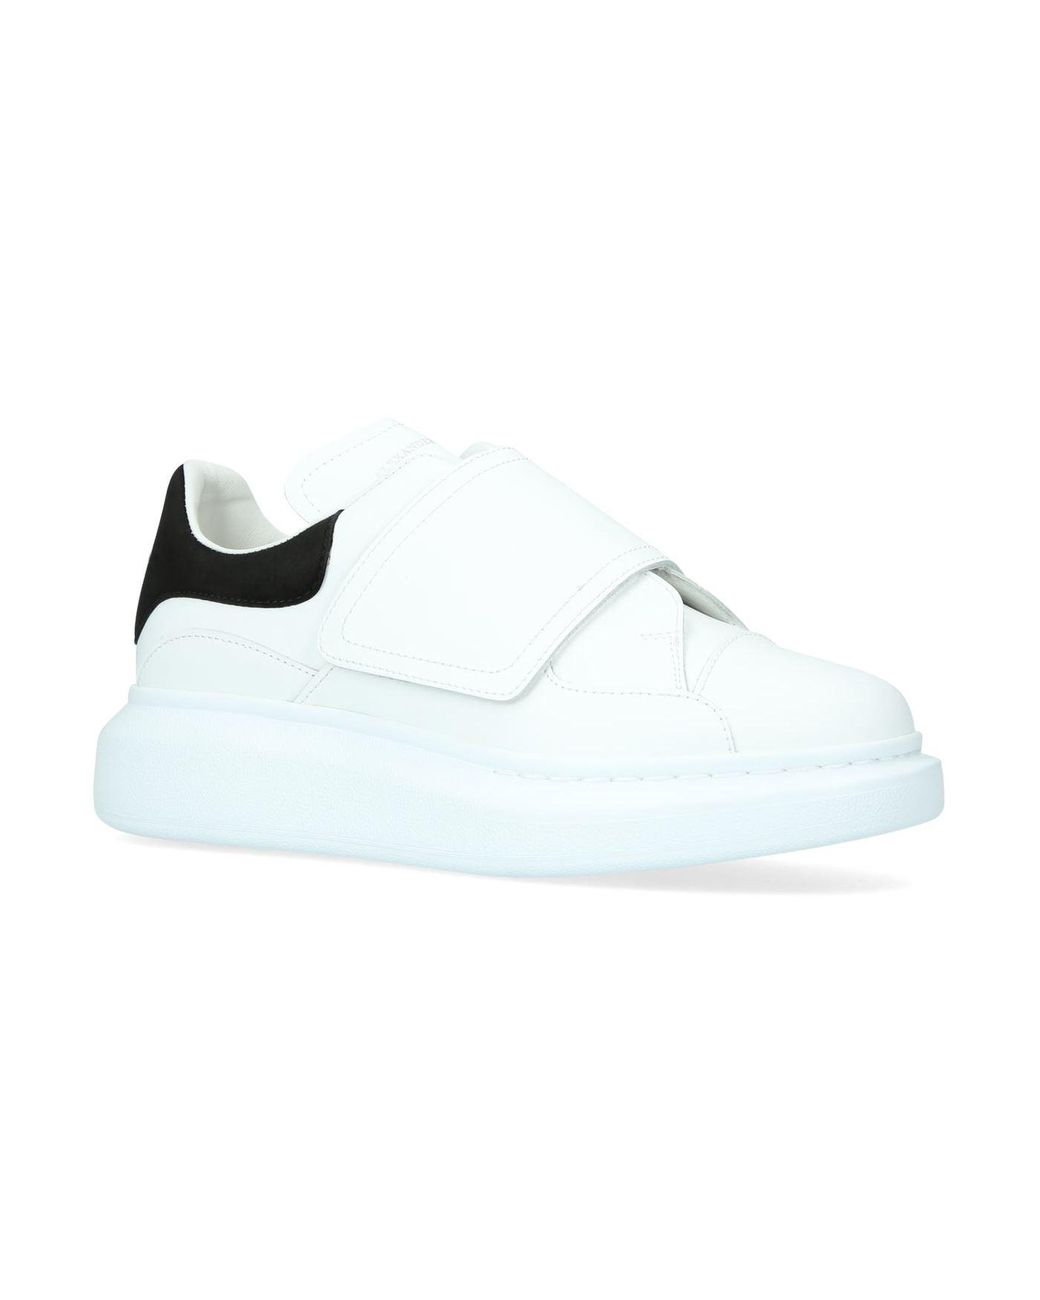 cfdfcfe9e2a Women's White Runway Sneakers